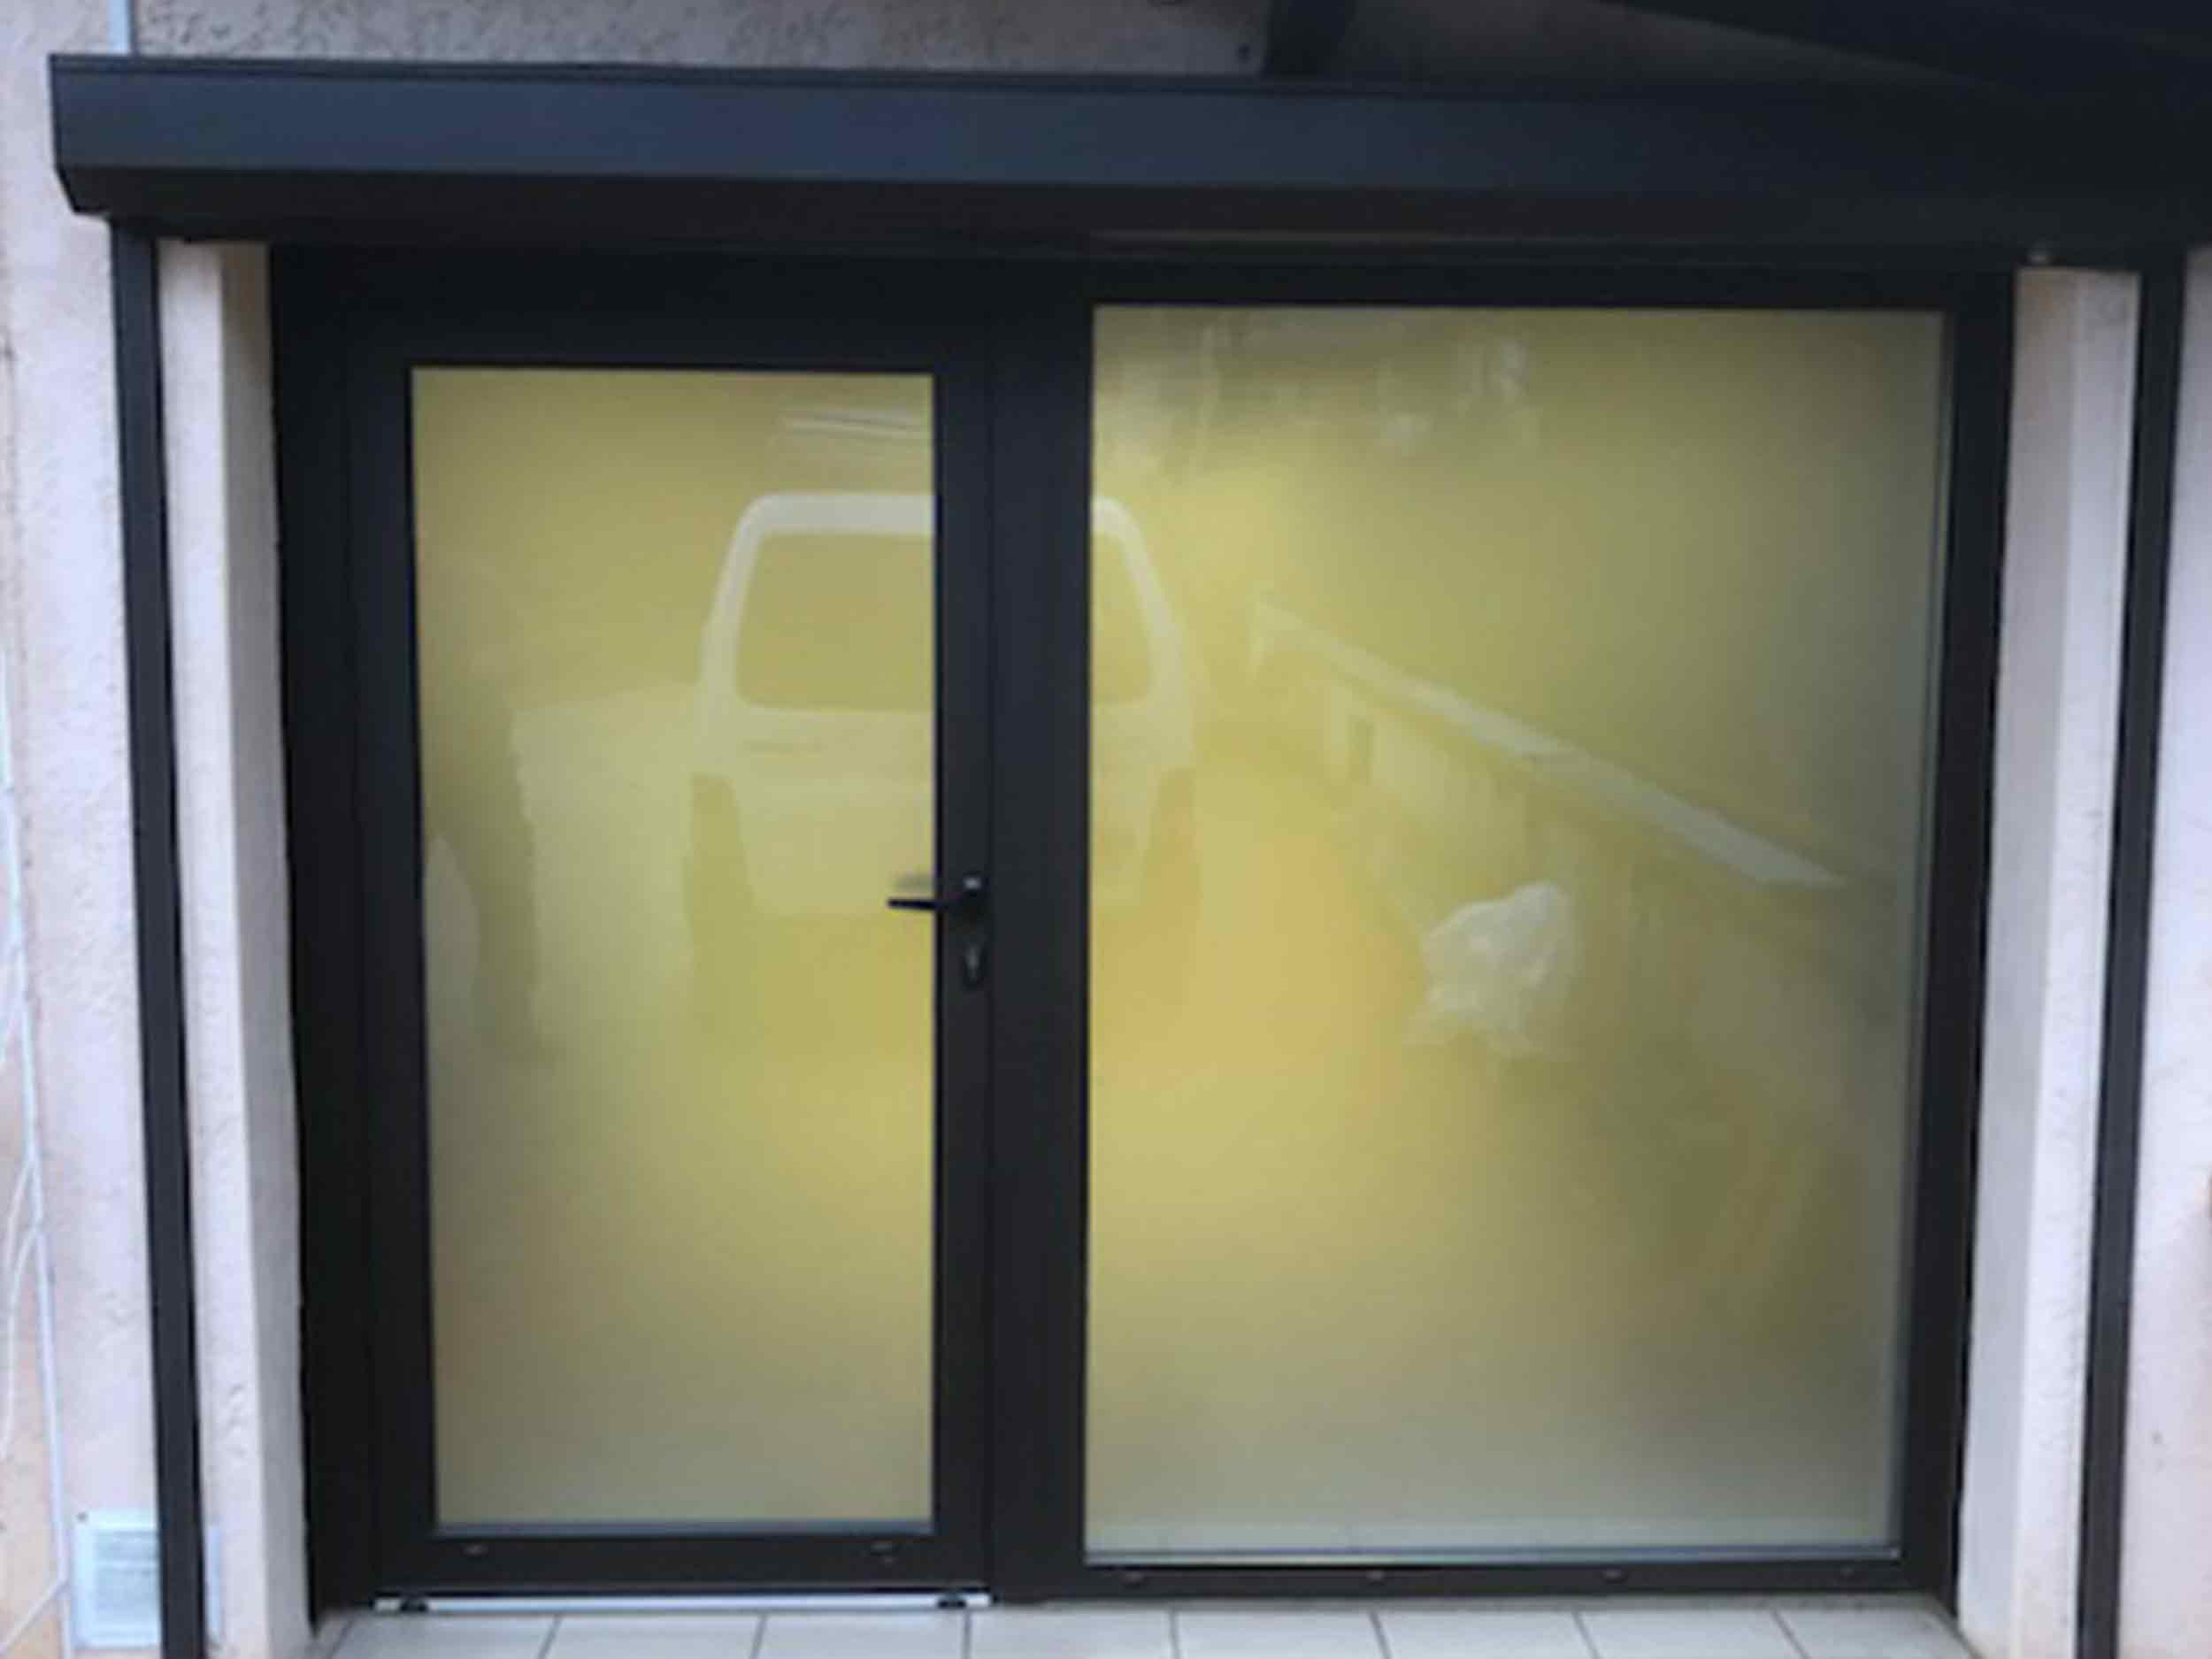 Vente d'une porte pour PMR pour une maison dans l'Ain